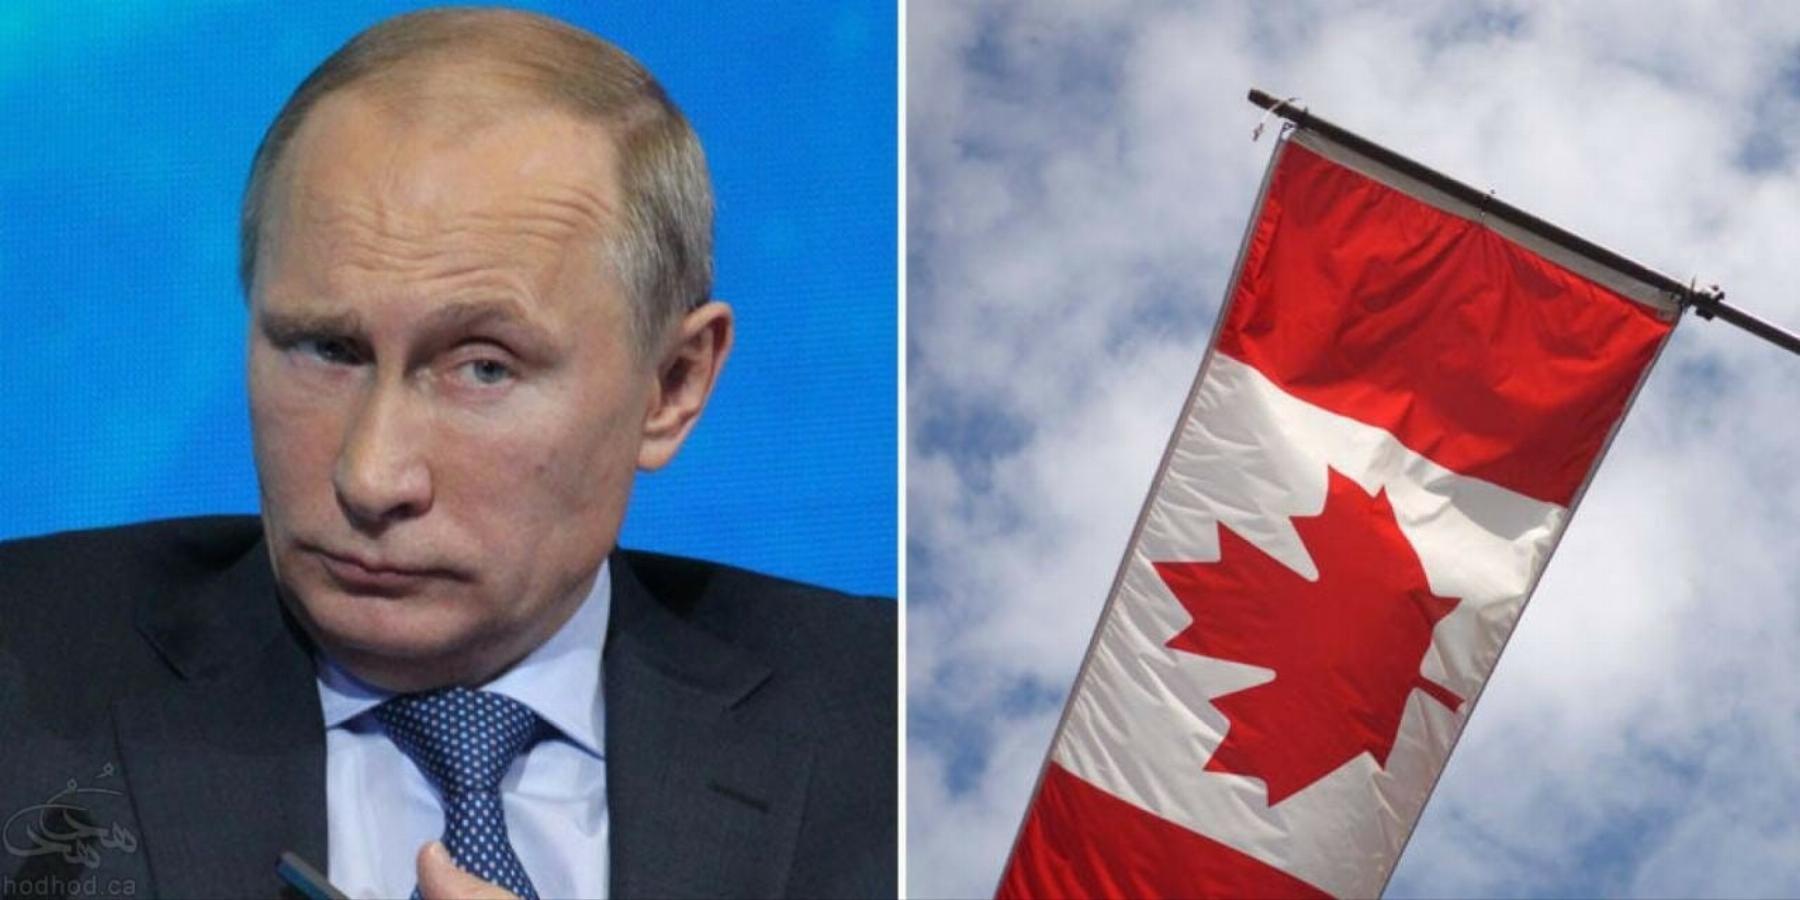 روسیه این هفته یک راکت به سمت آبهای شمال کانادا شلیک خواهد کرد